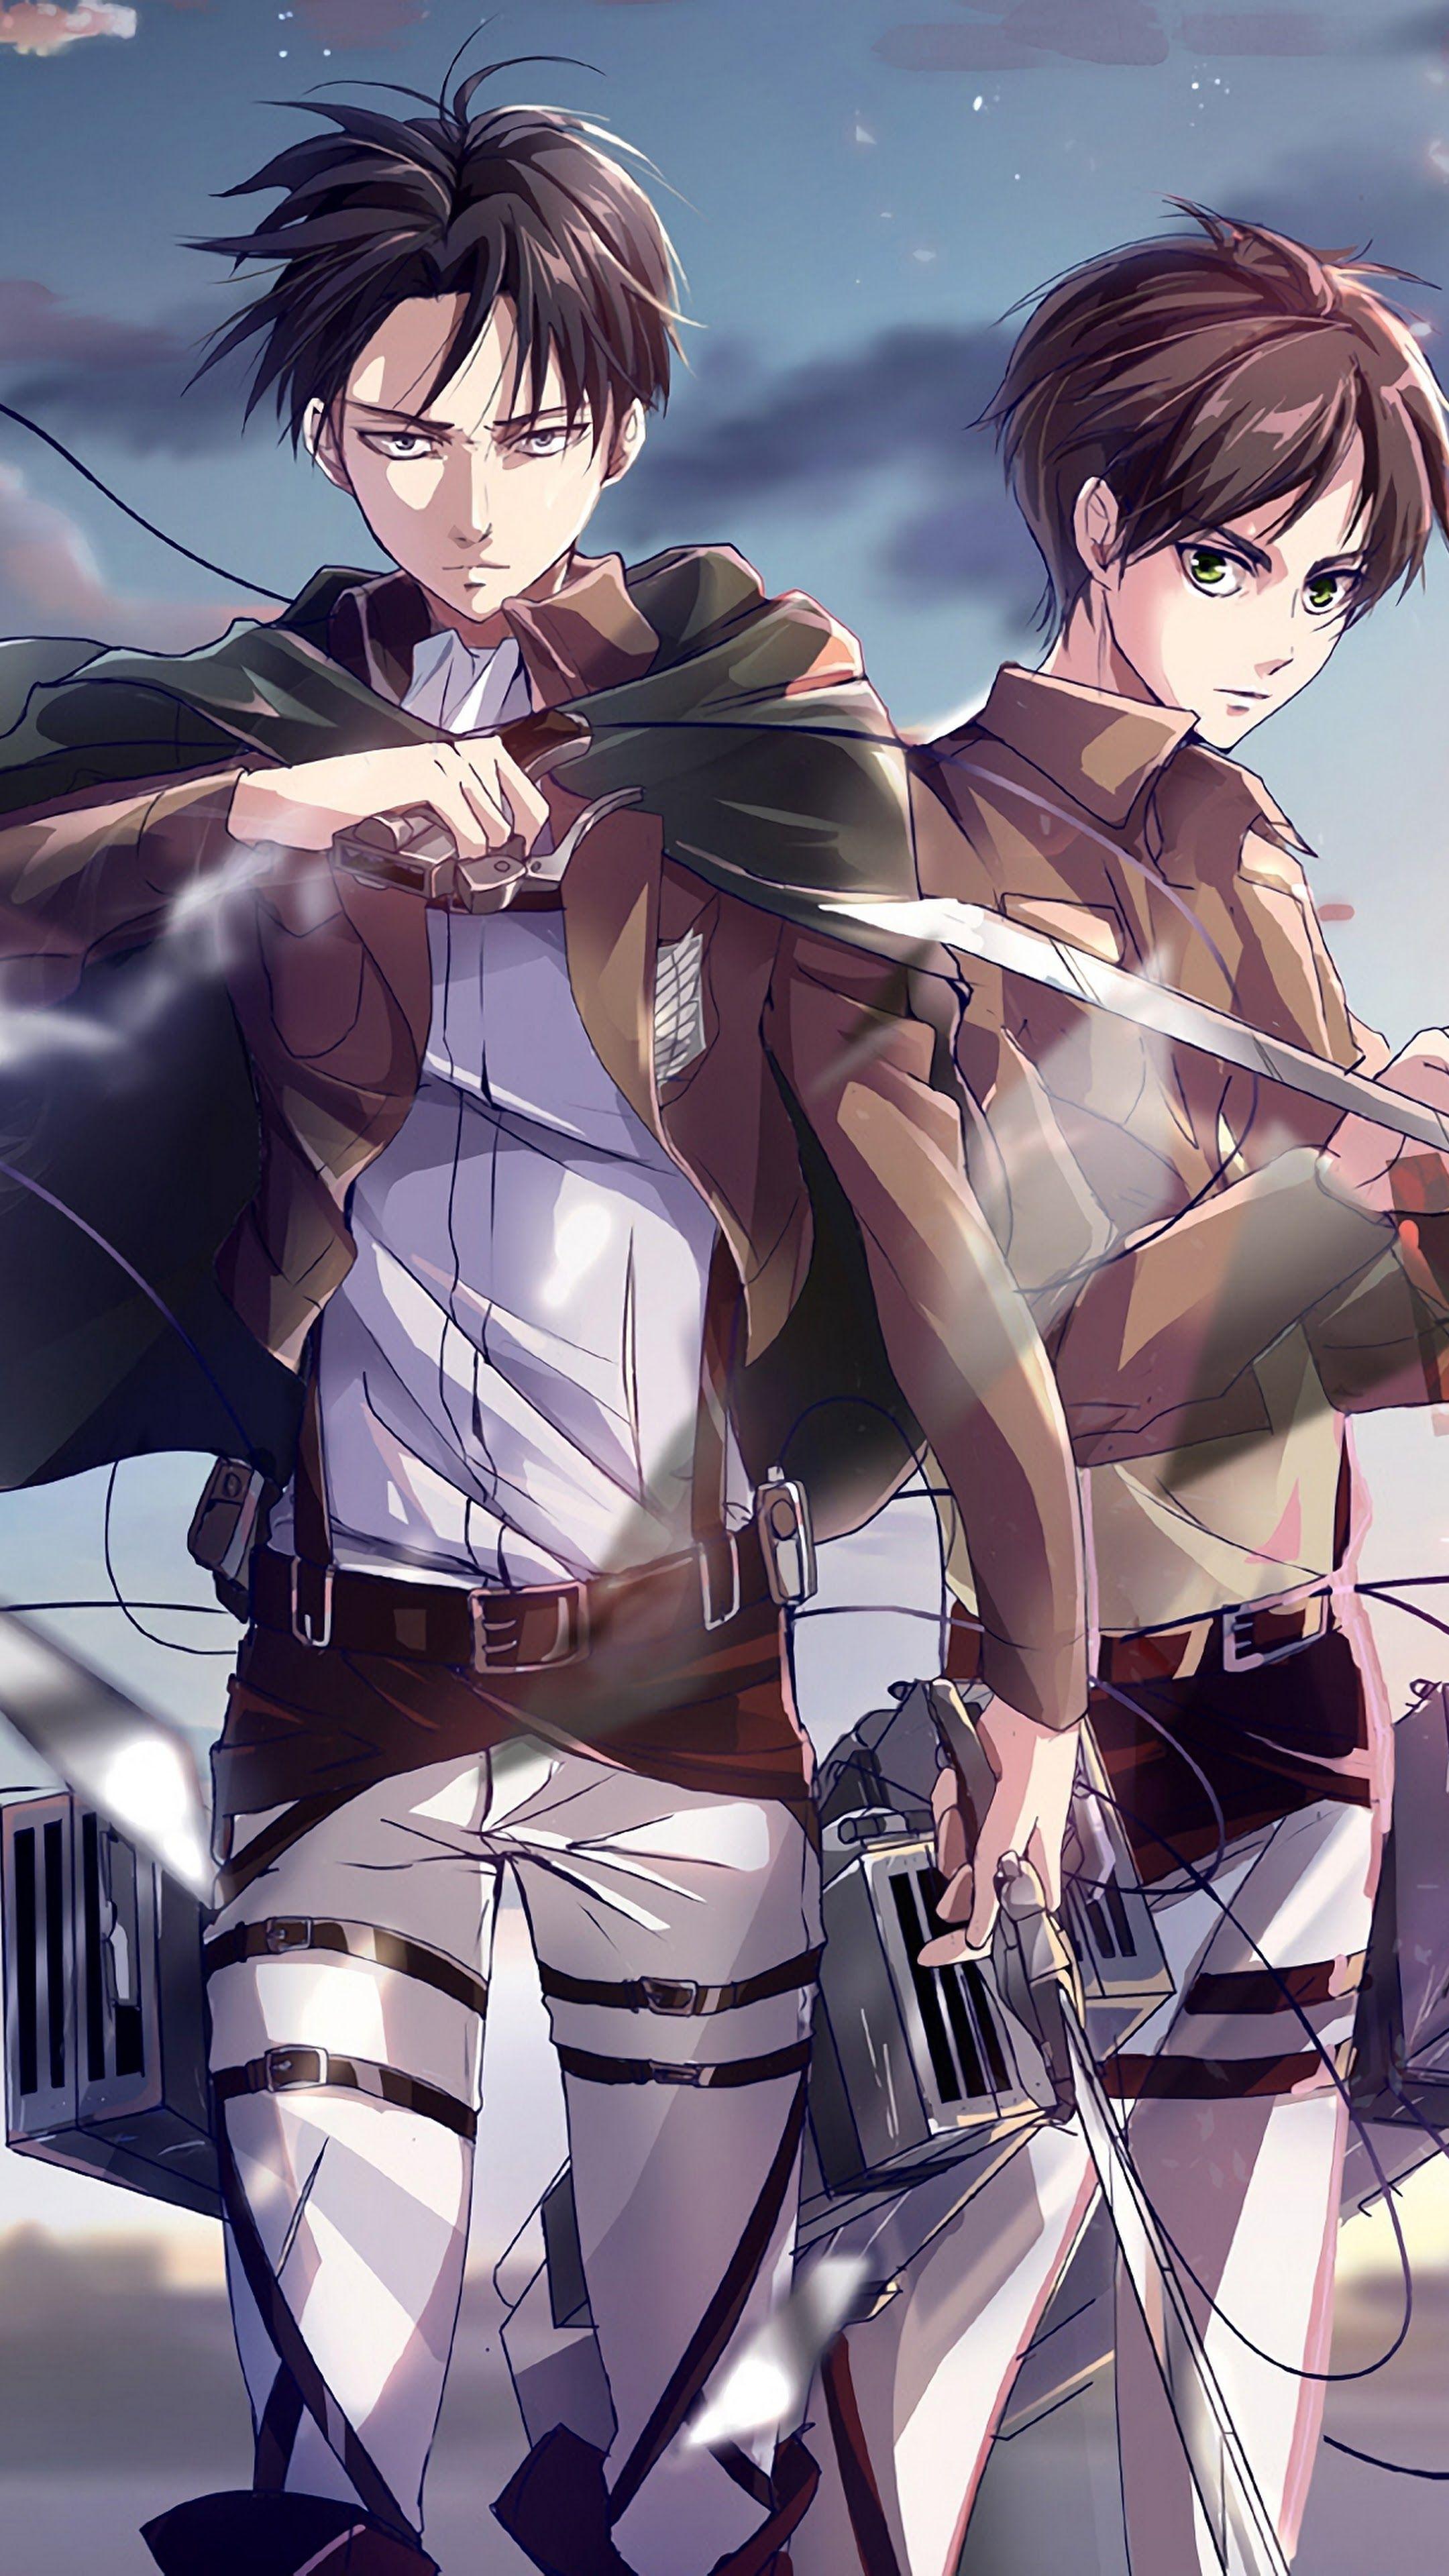 Levi Shingeki No Kyojin Iphone Wallpaper In 2020 Attack On Titan Levi Attack On Titan Art Attack On Titan Merch